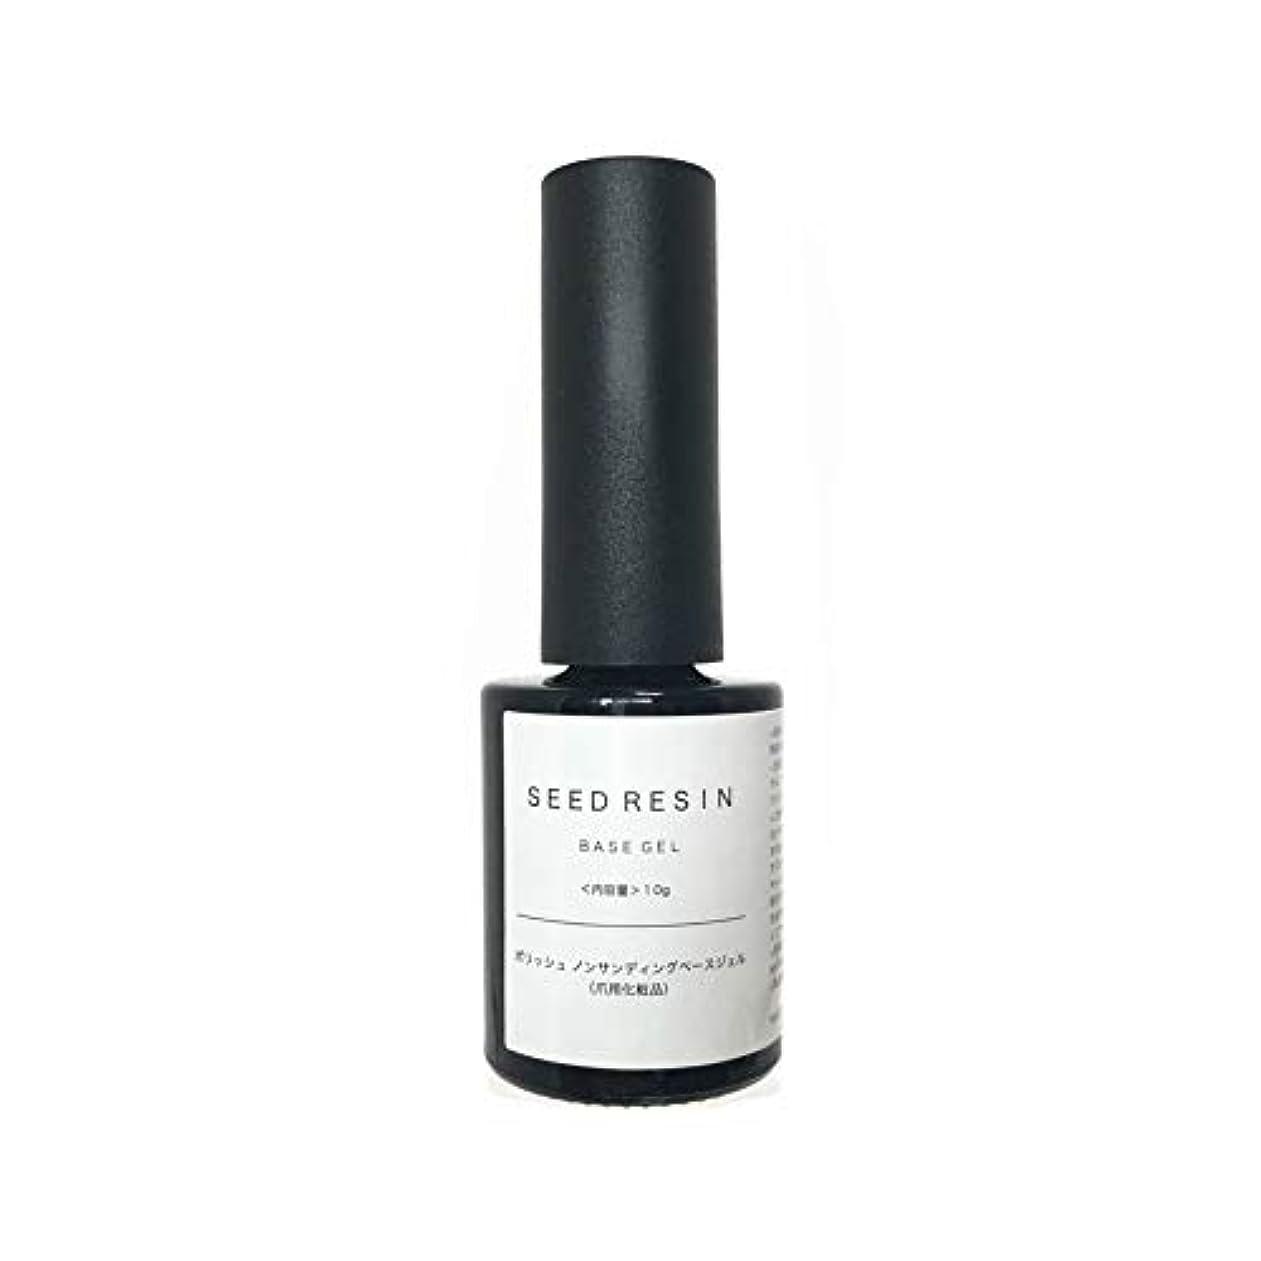 ロンドングリーンランドあいまいなSEED RESIN(シードレジン) ジェルネイル ポリッシュ ノンサンディング ベースジェル 10g 爪用化粧品 日本製